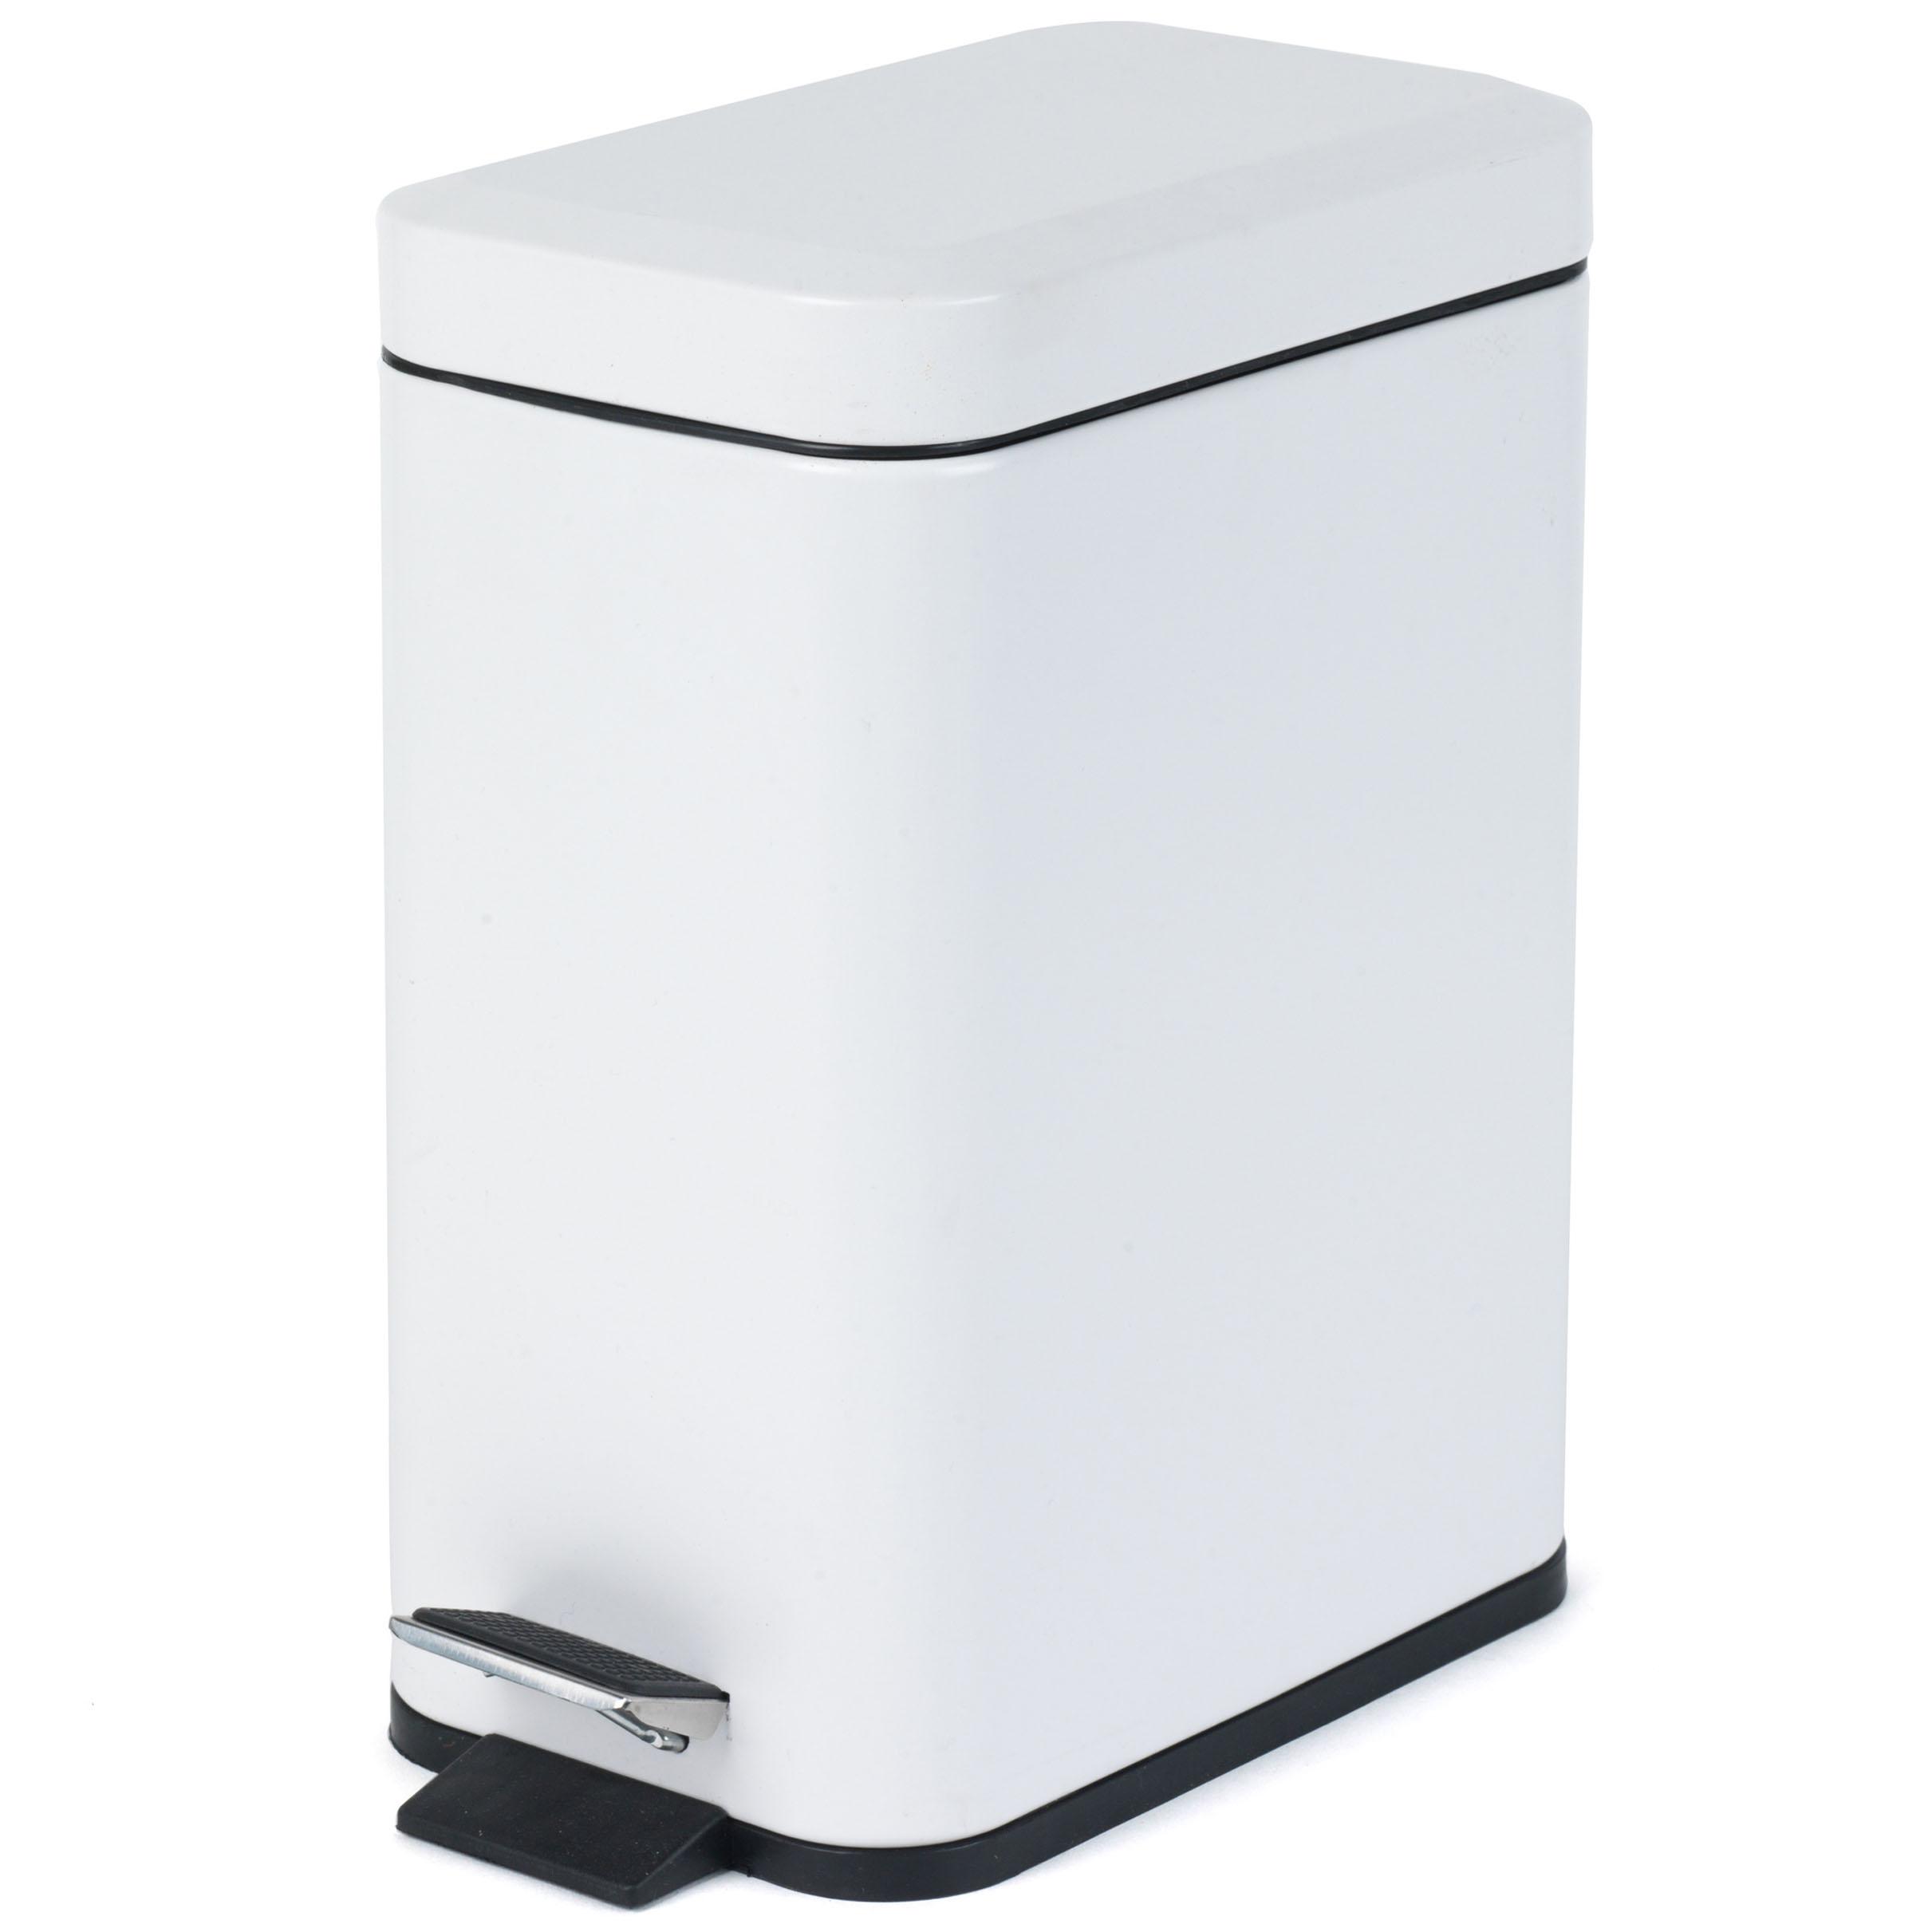 Salter Rectangular Kitchen Bathroom Pedal Bin 5 Litre White